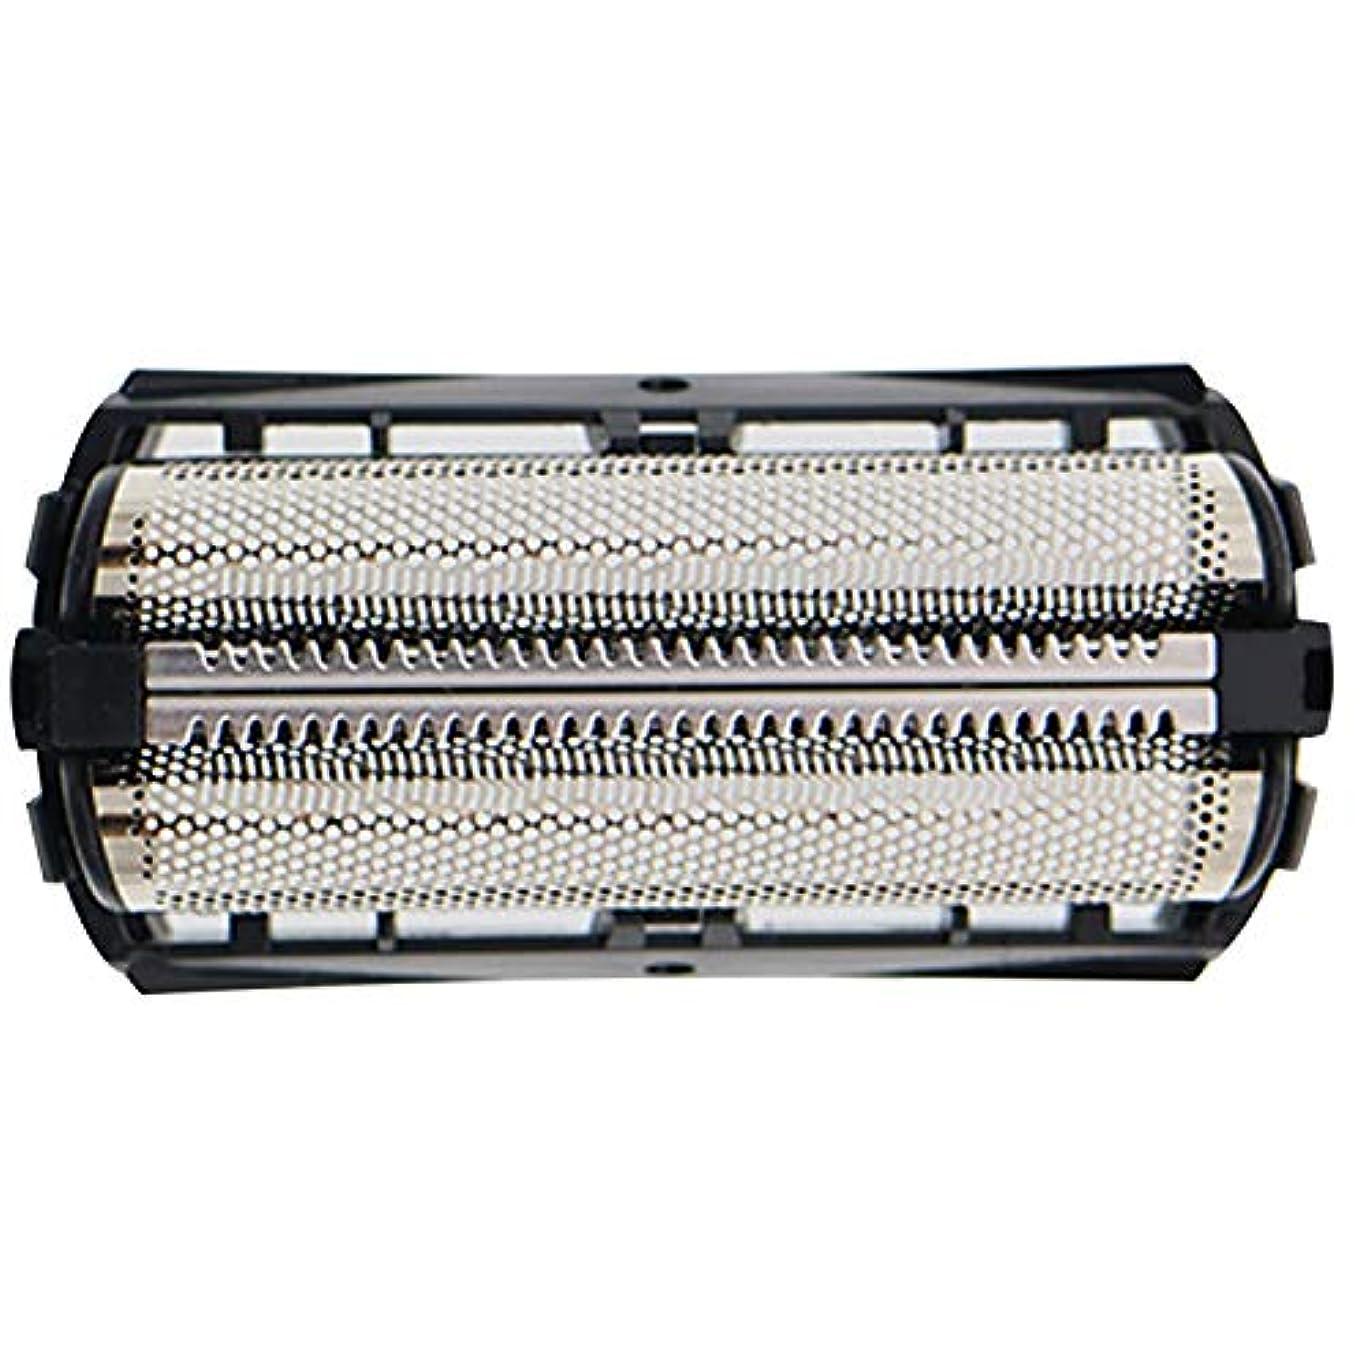 空のバー支援WyFun シェーバー替刃 適用 フィリップスQC5550用交換シェーバーフォイル/カッターユニットシェーバーヘッドQC5580メンズトリマー用回転ブレード